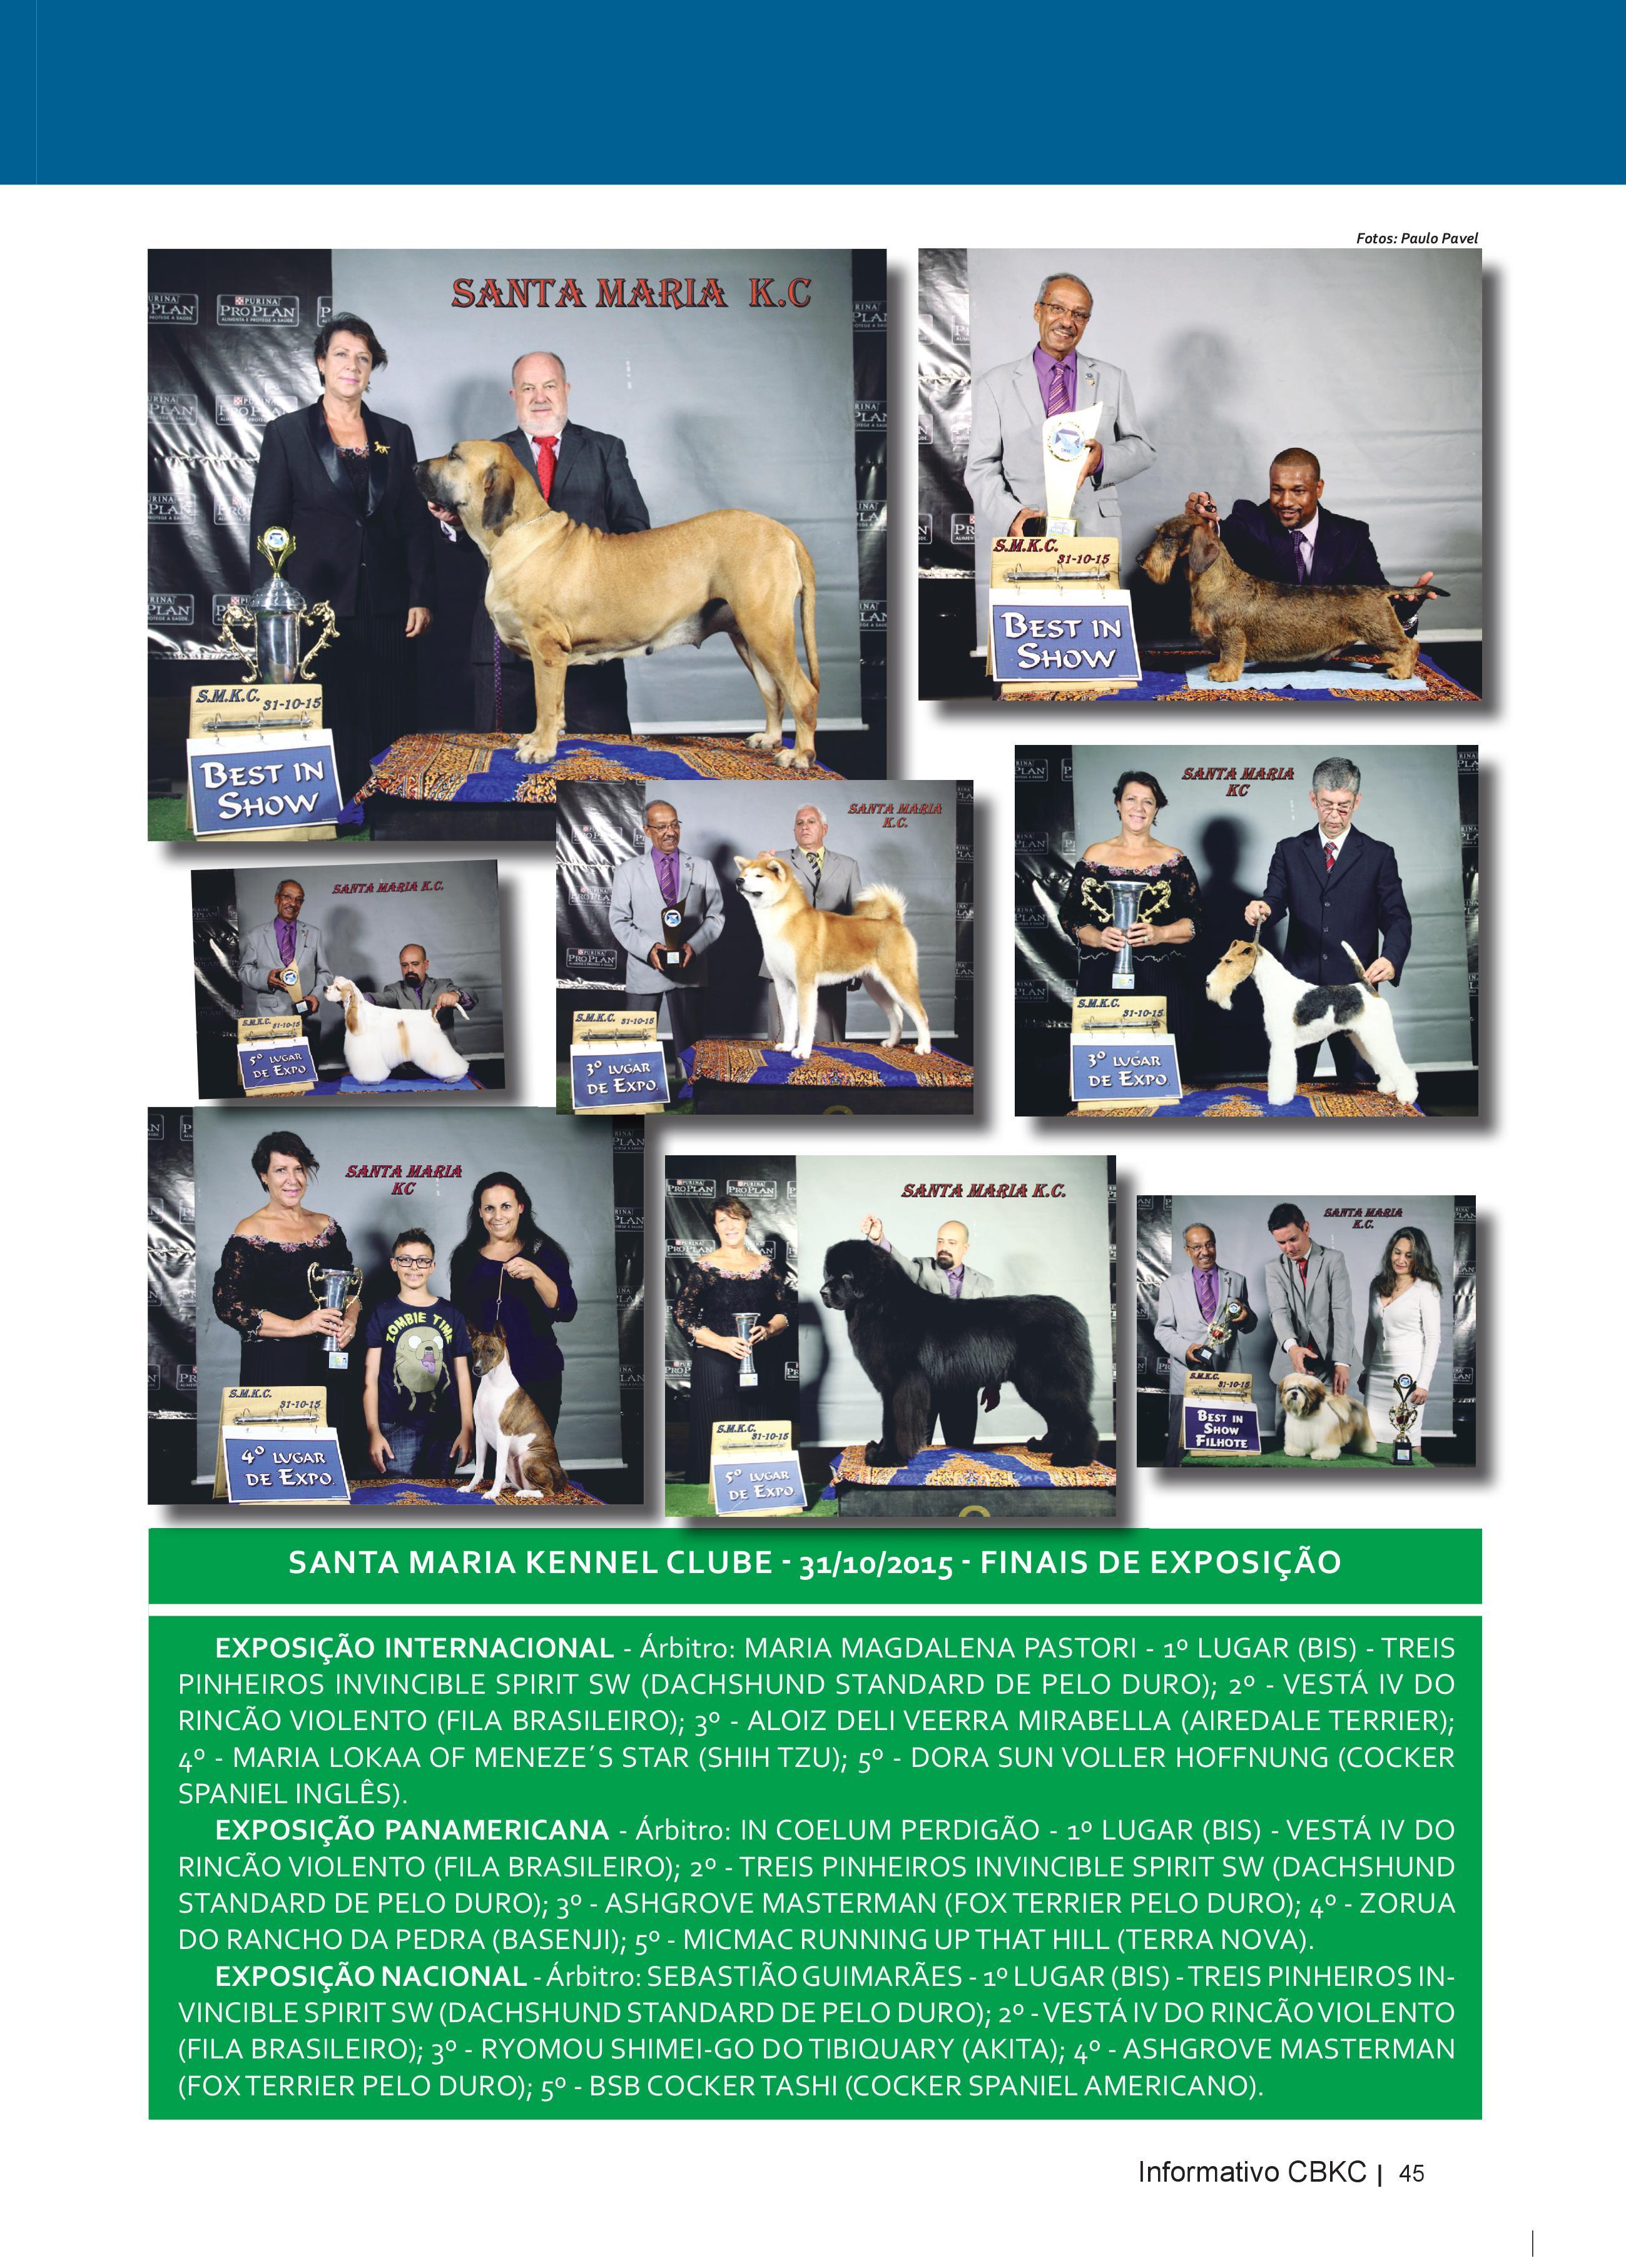 Pagina 45| Edição 51 do Informativo CBKC